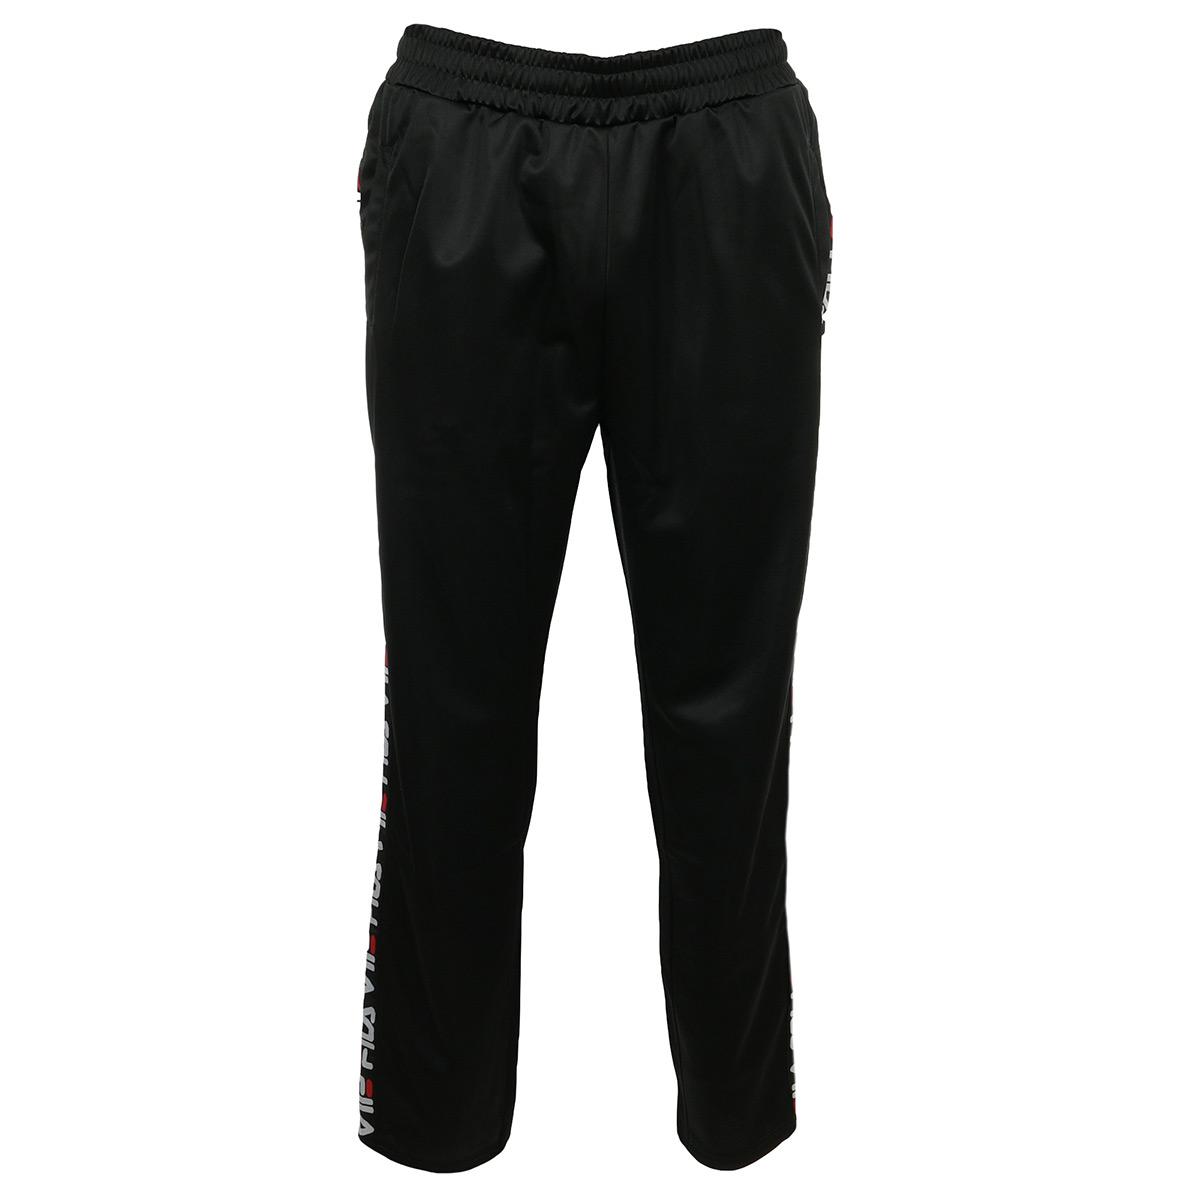 Détails sur Vêtement Pantalons sport Fila homme Men's Tape Track Pants taille Noir